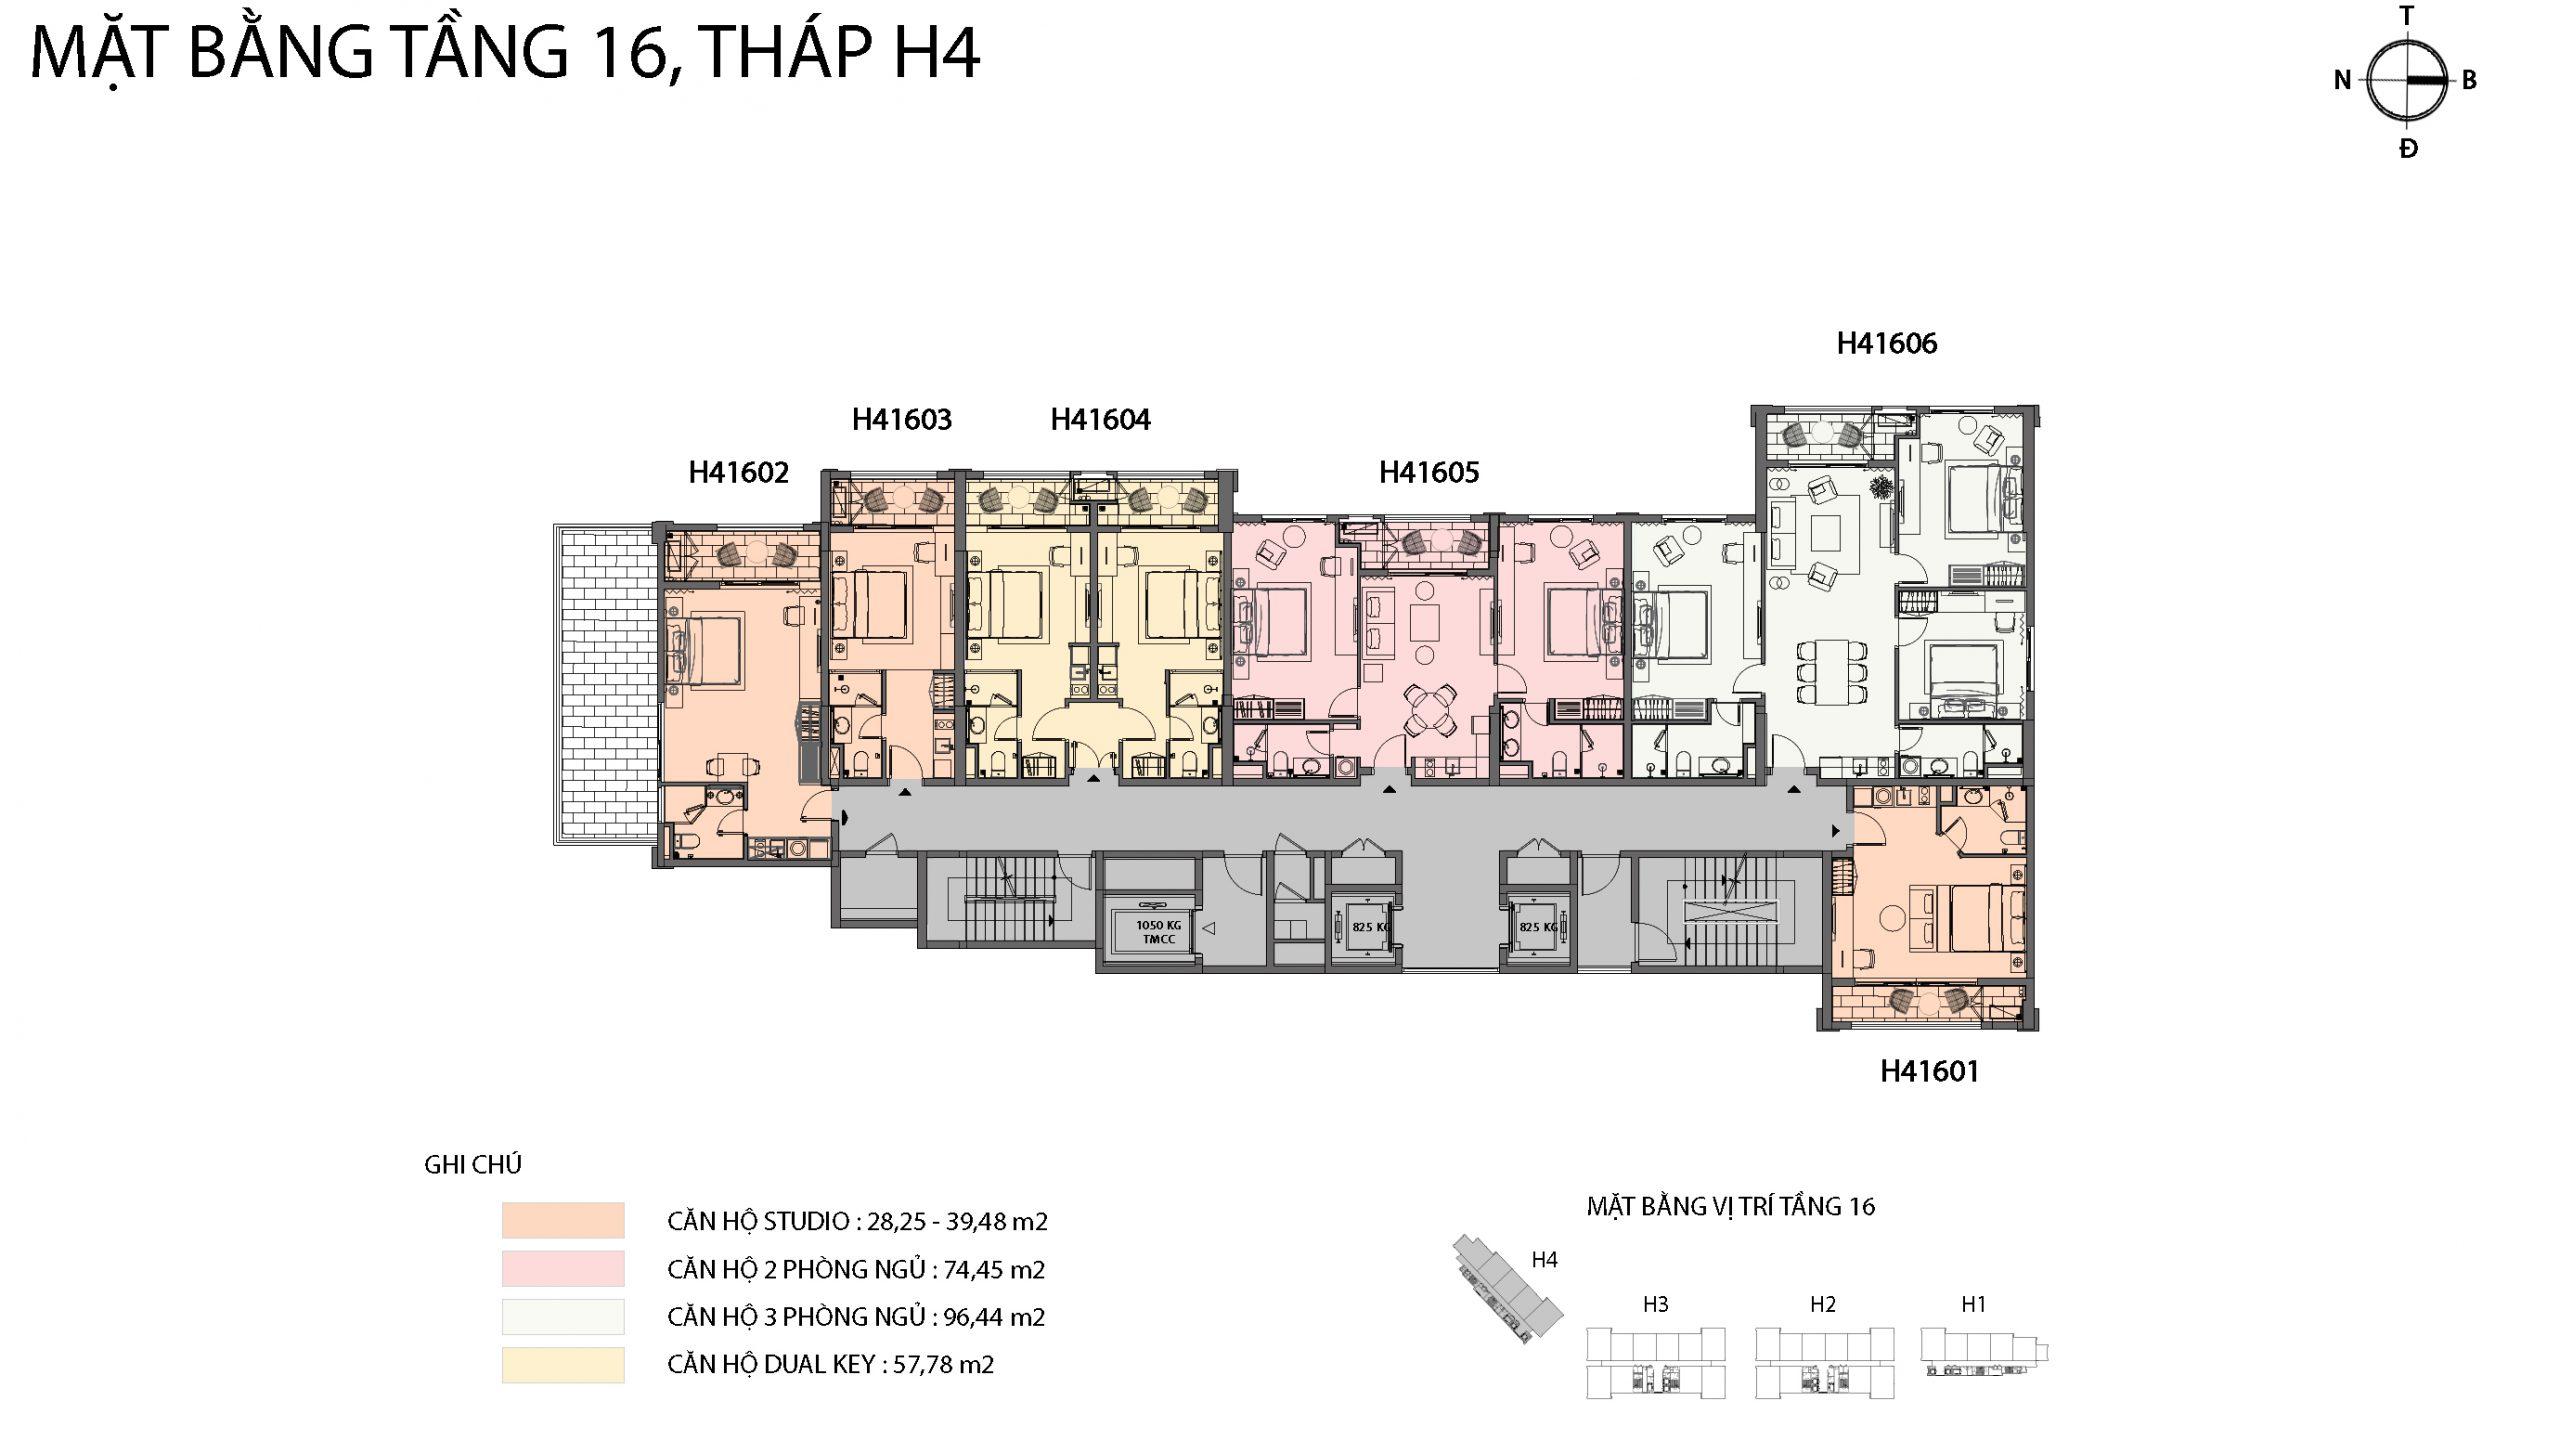 Mặt bằng chi tiết tòa căn hộ H4 - Sun Grand City Hillside Residence 14